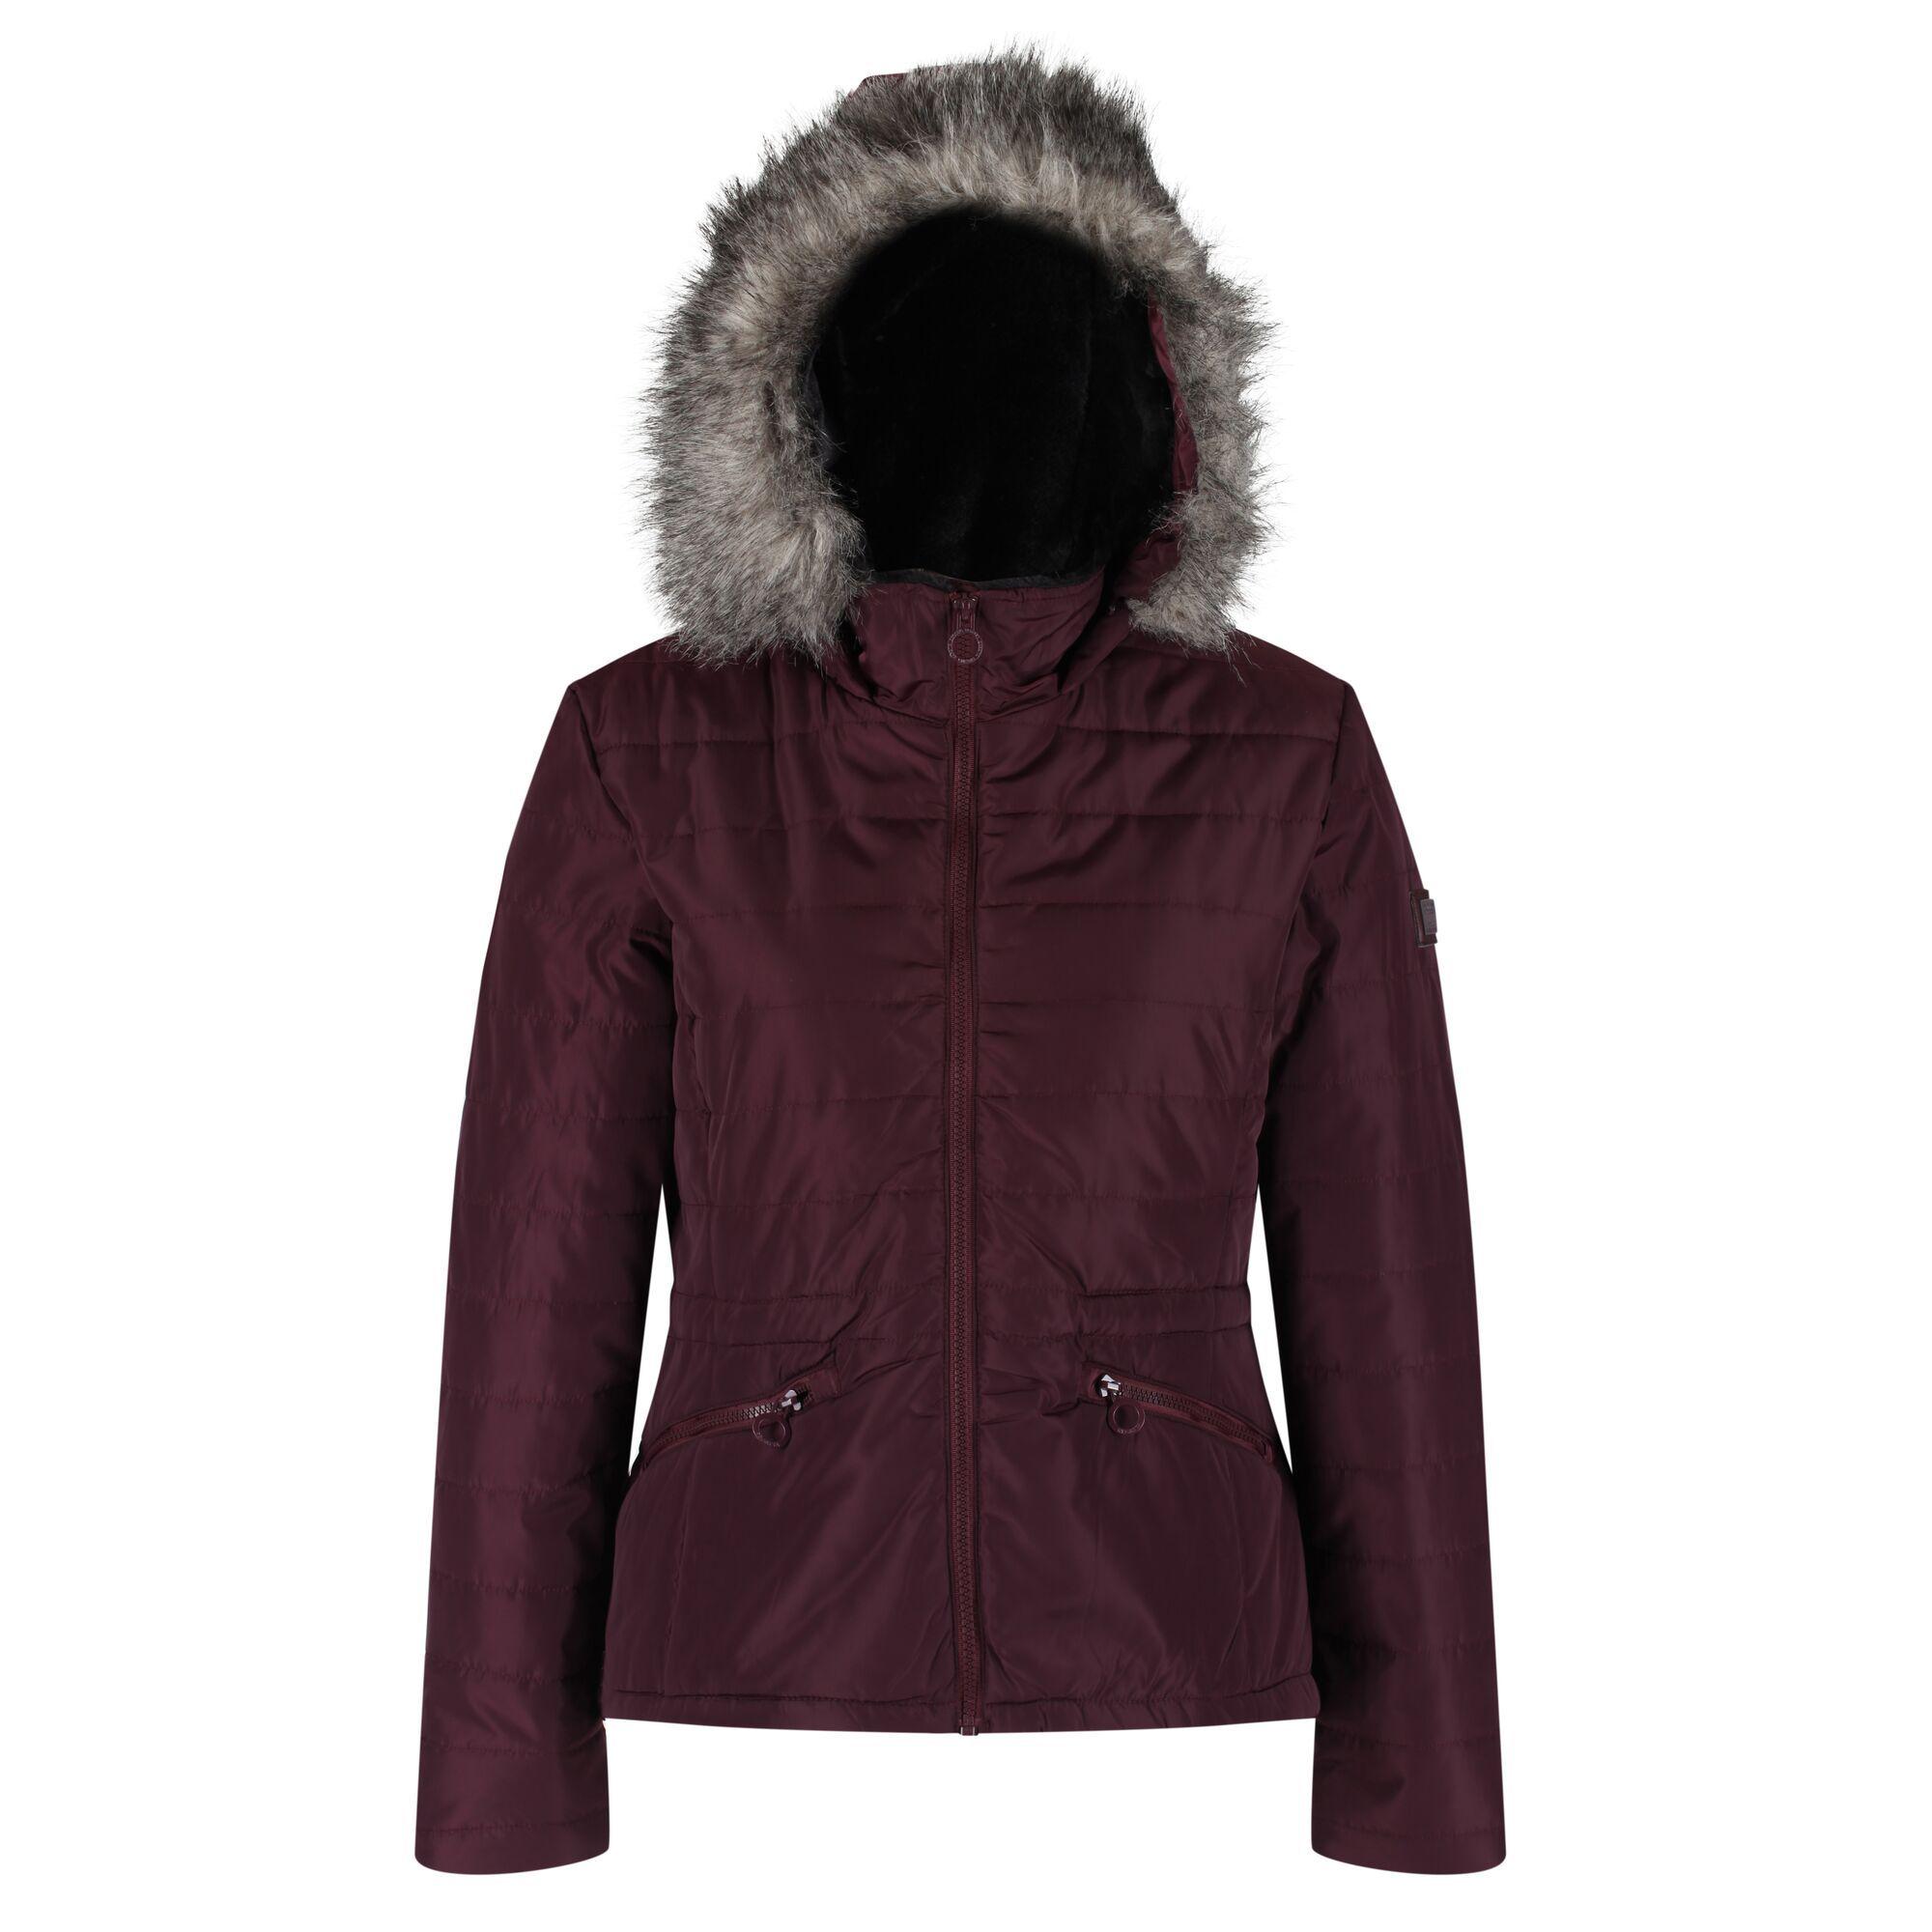 Regatta Womens/Ladies Westlynn Quilted Insulated Jacket (16 UK) (Dark Burgundy)